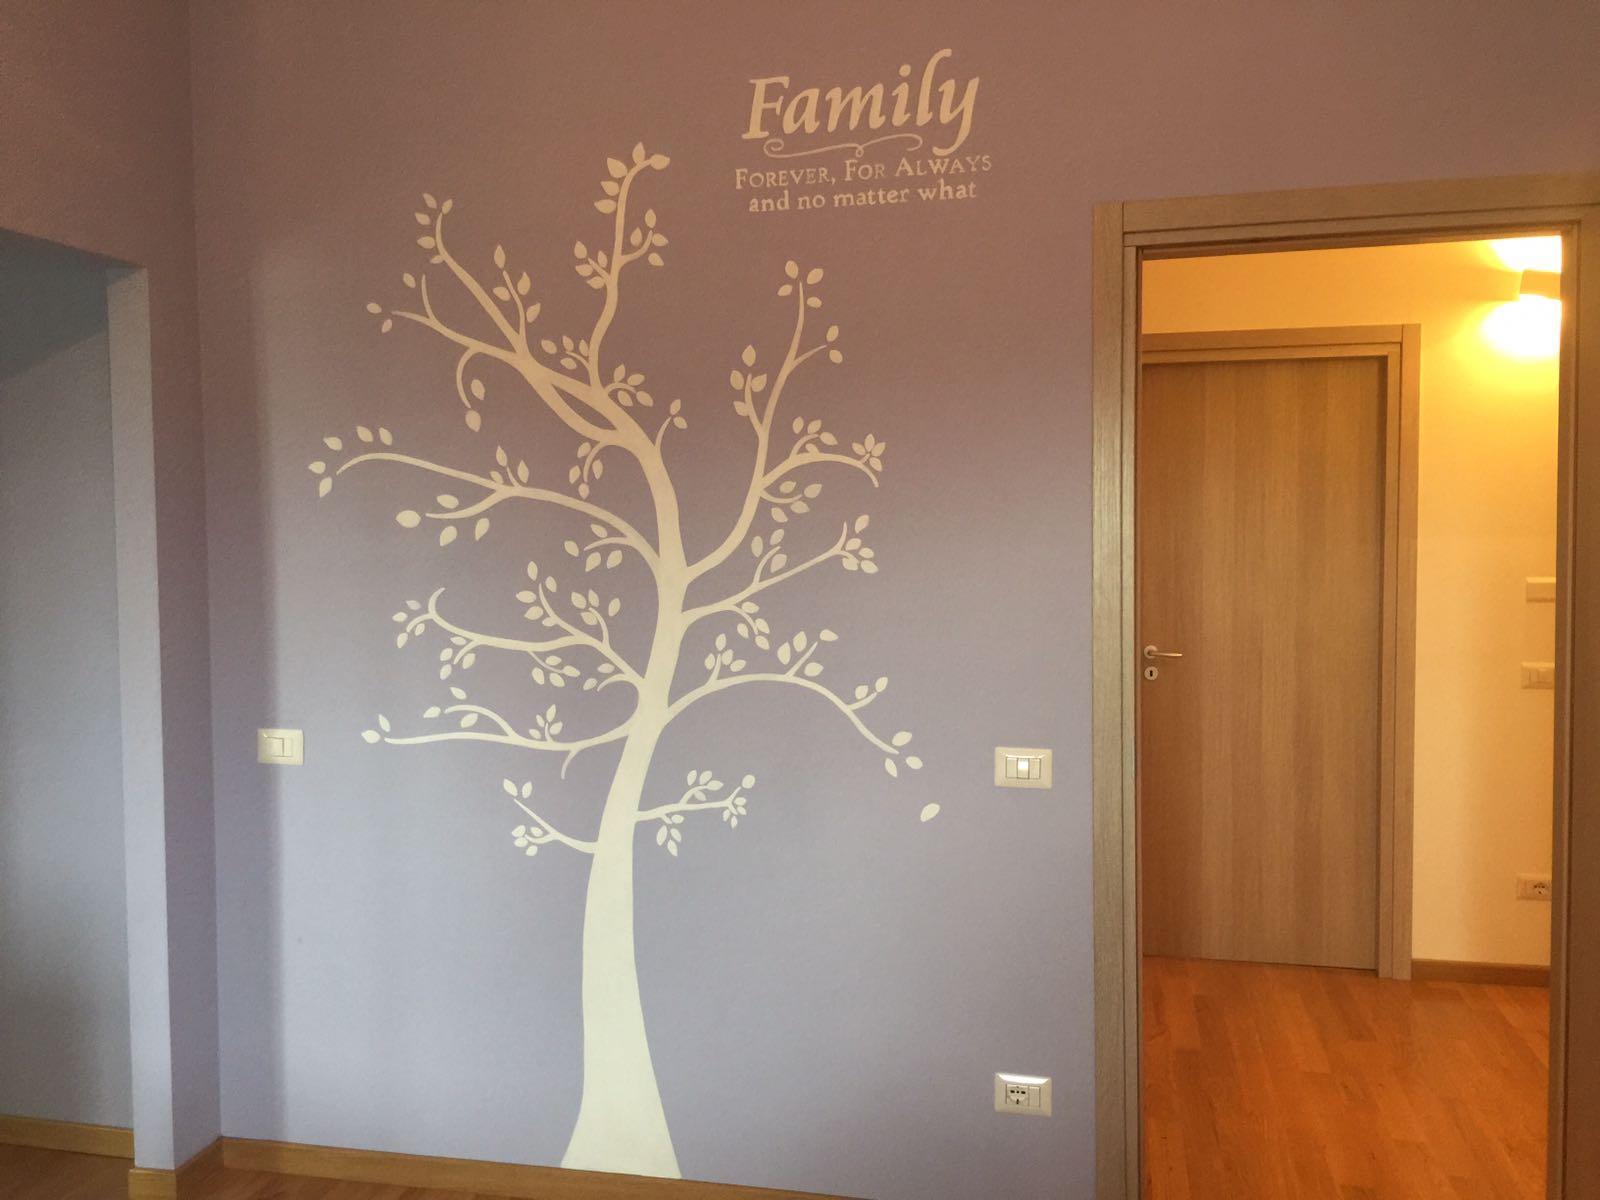 decorazione parete - Albero con foglie bianco